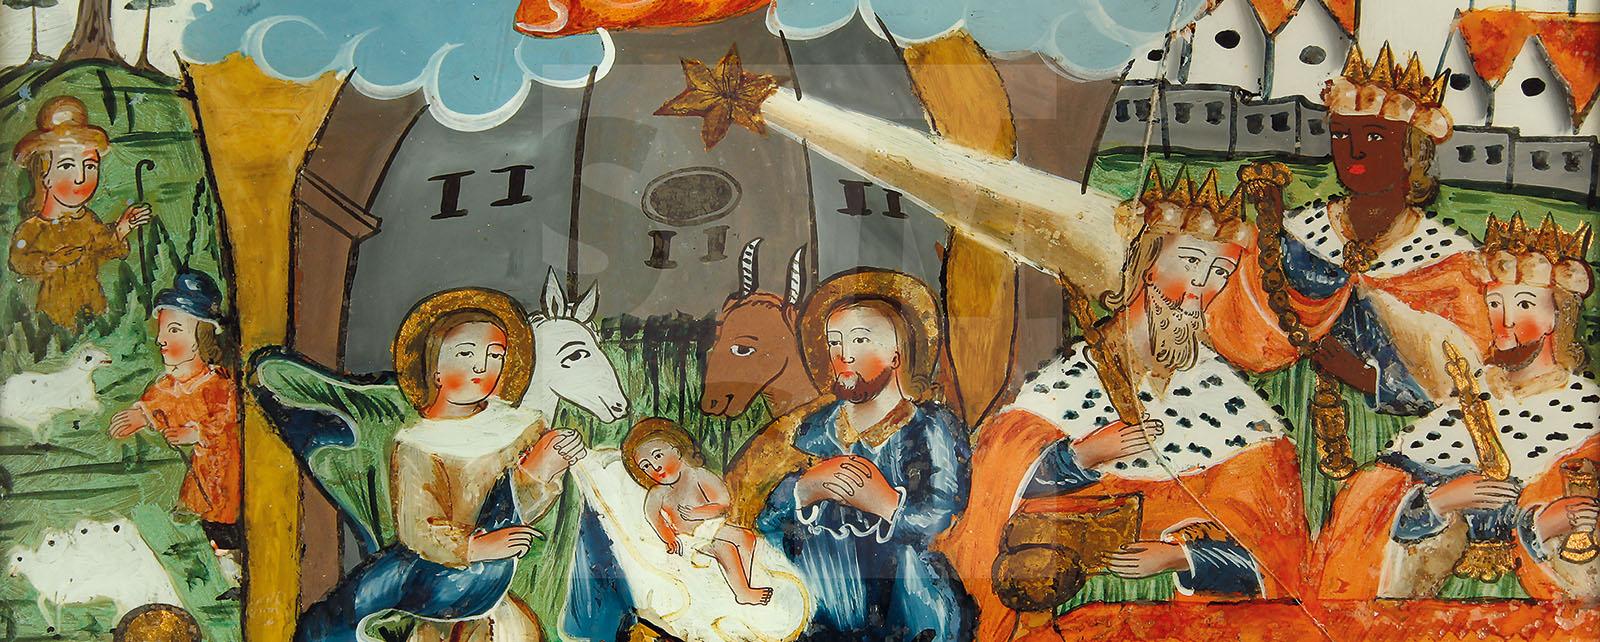 Hauptbild Hinterglasmalerei